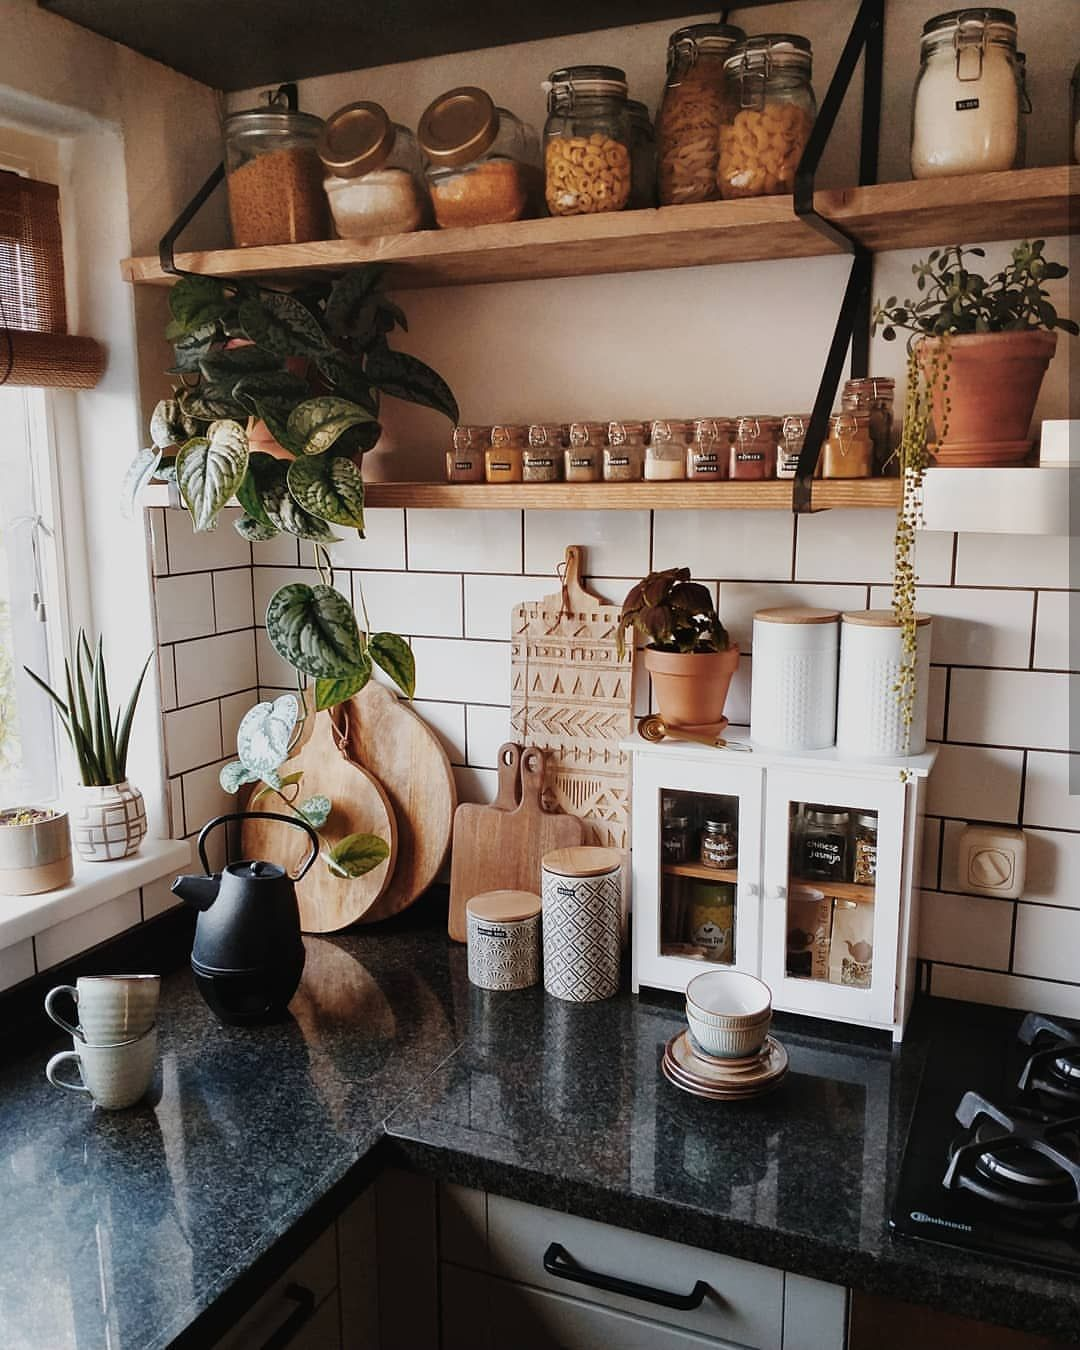 Tatjana Interior Lifestyle On Instagram Goodmorning Ik Ga Binnenkort Aan De Gang Met Het Maken Van Een Keukendecoratie Interieurontwerp Keuken Boho Keuken